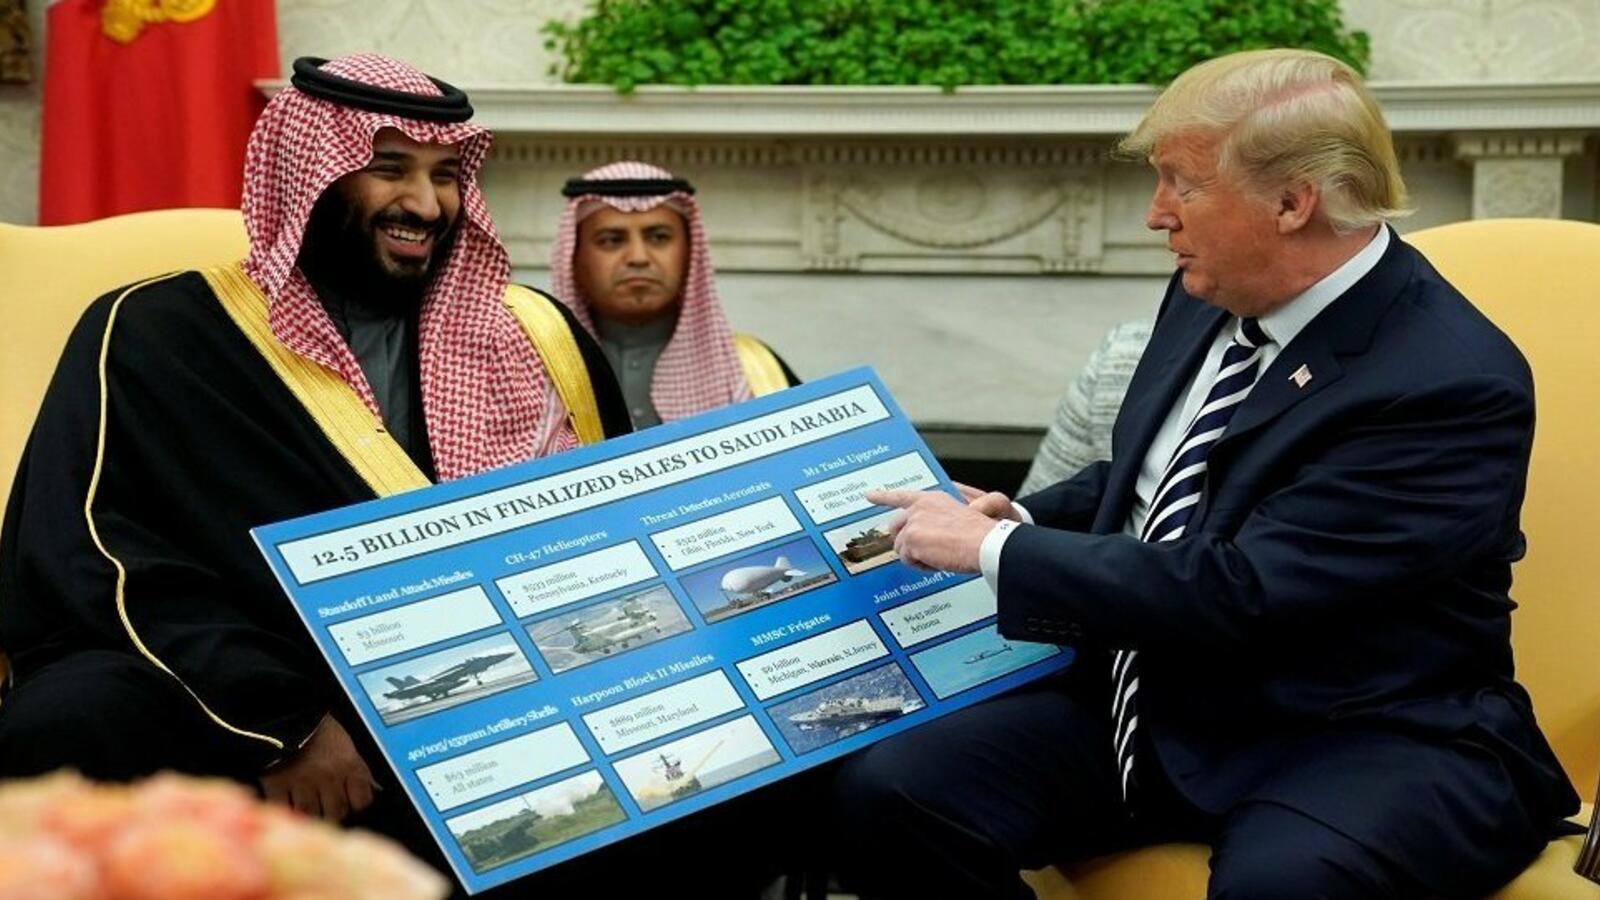 محمد بن سلمان وترامب - ترامب: استلمنا ثمن حماية محمد بن سلمان